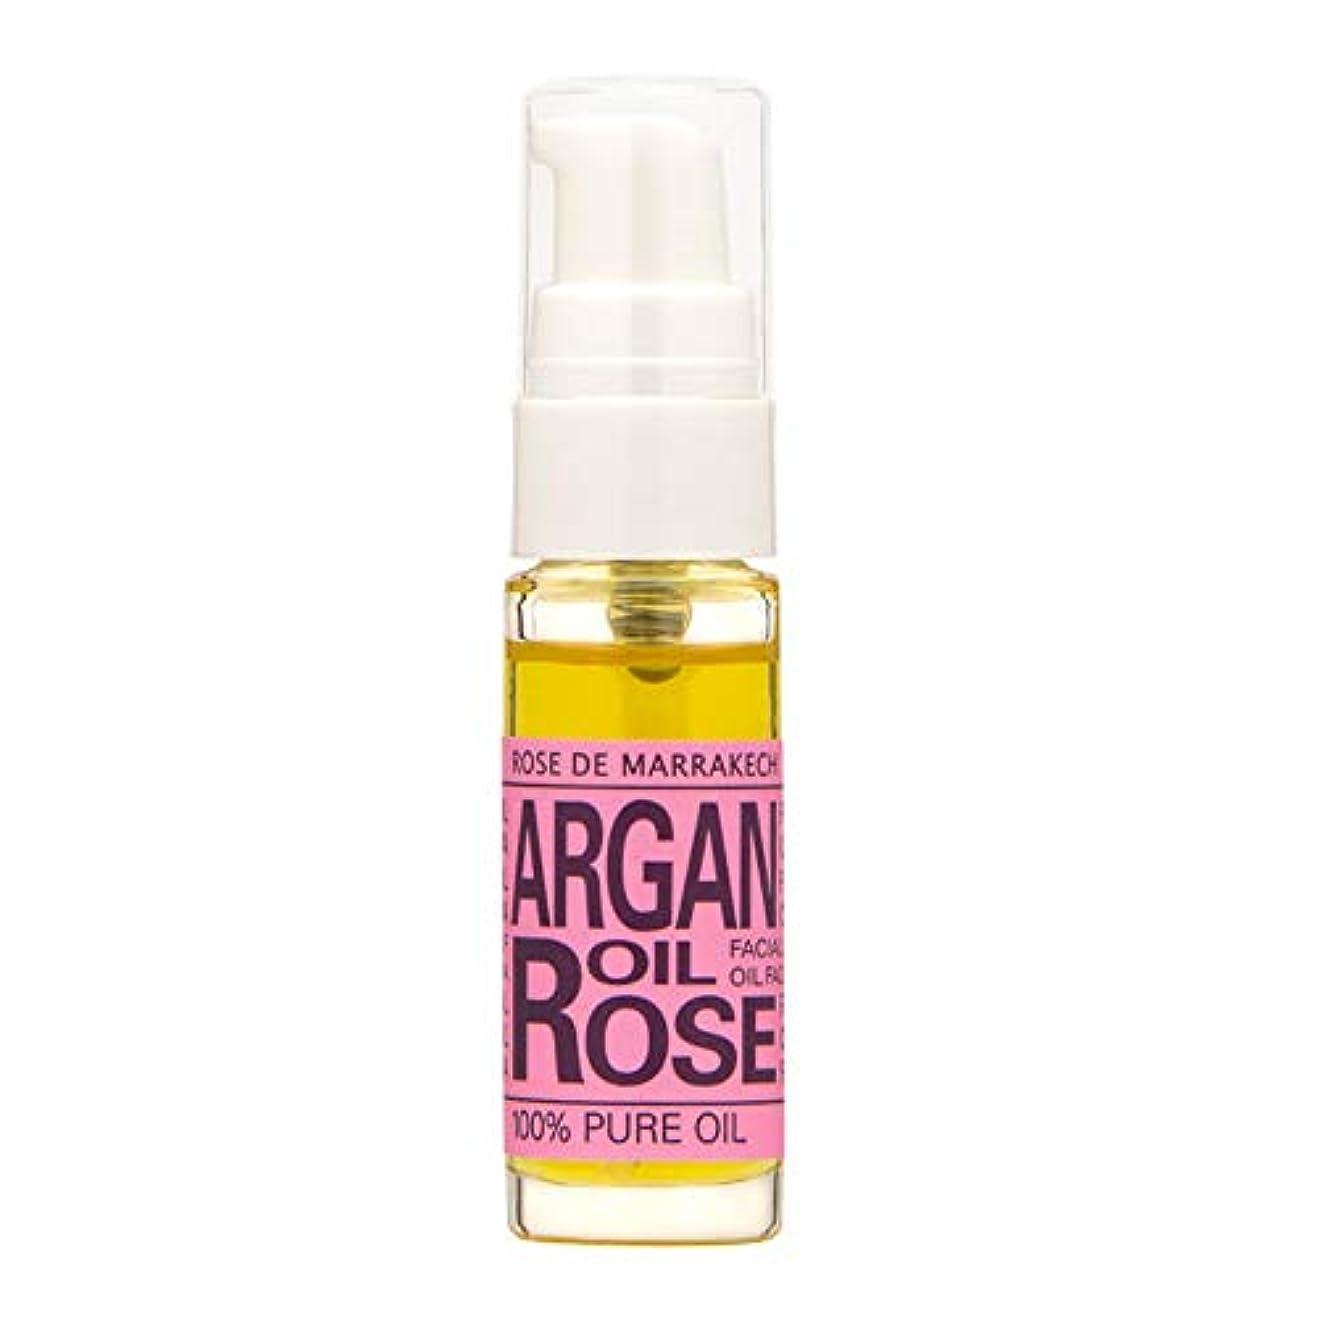 バーチャルきしむ縞模様のローズ ド マラケシュ(ROSE DE MARRAKECH) ローズ ド マラケシュ アルガンオイル ローズ10mL(アルガンオイル99% 配合フェイシャルオイル) 美容液